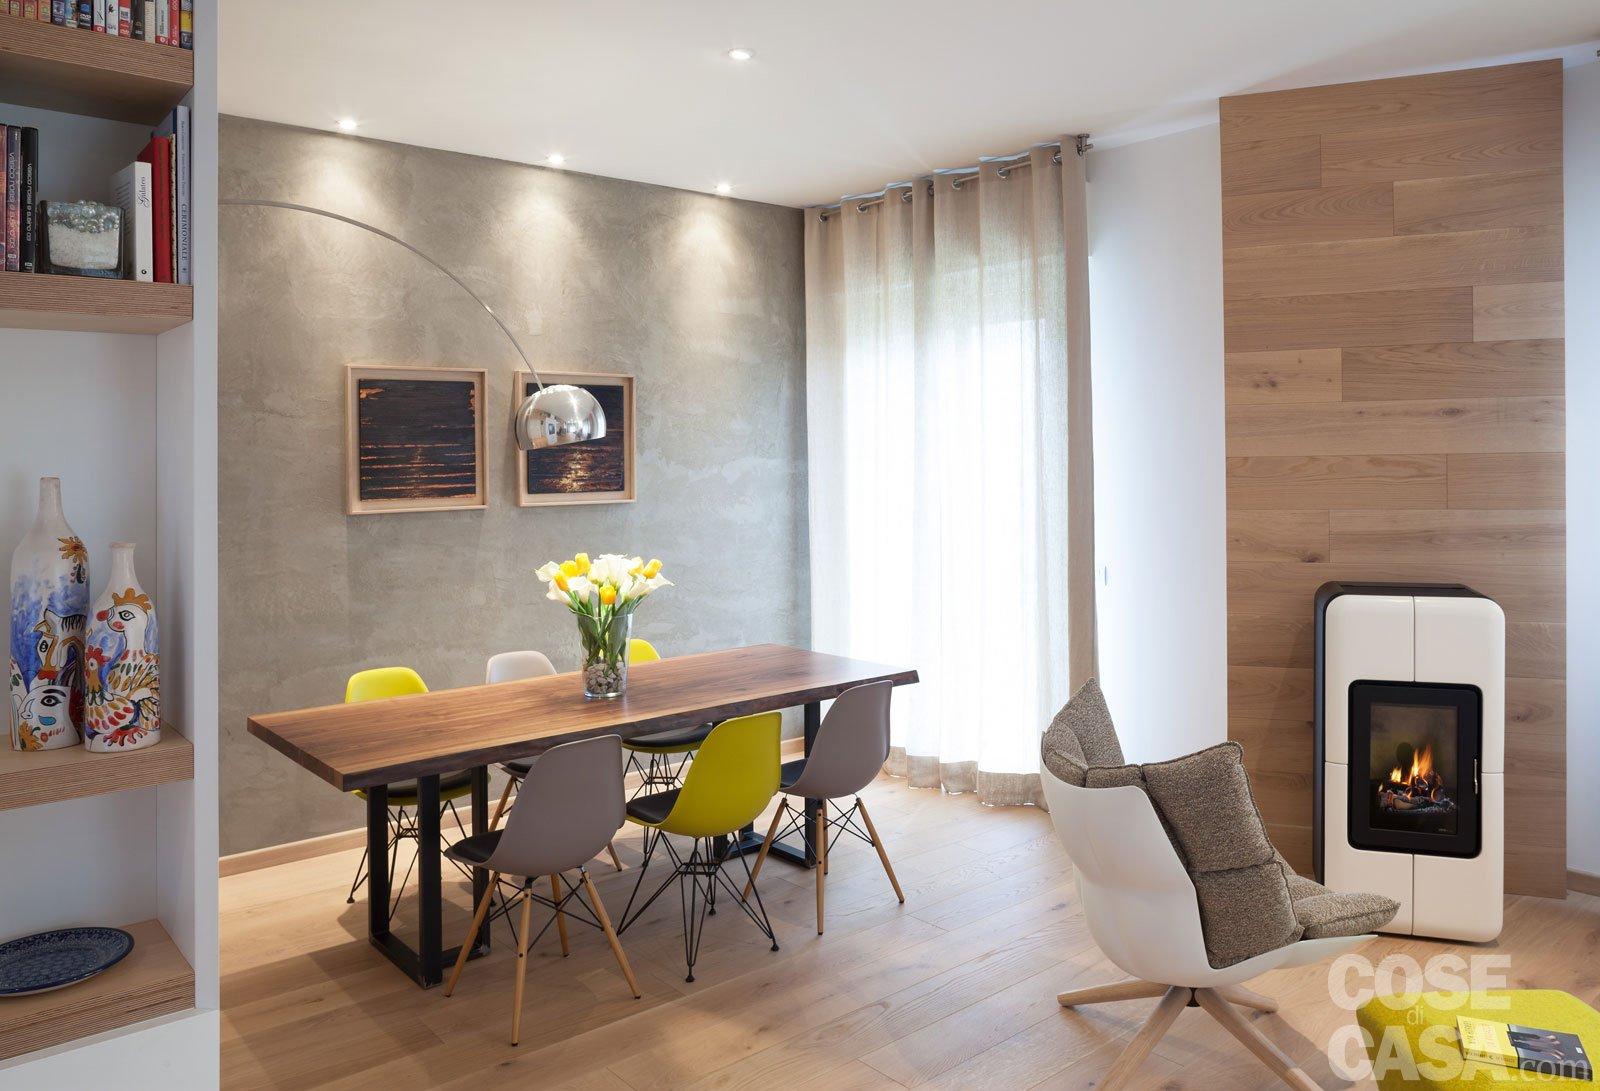 Maxi trilocale design e ispirazioni scandinave per la for Cose per casa